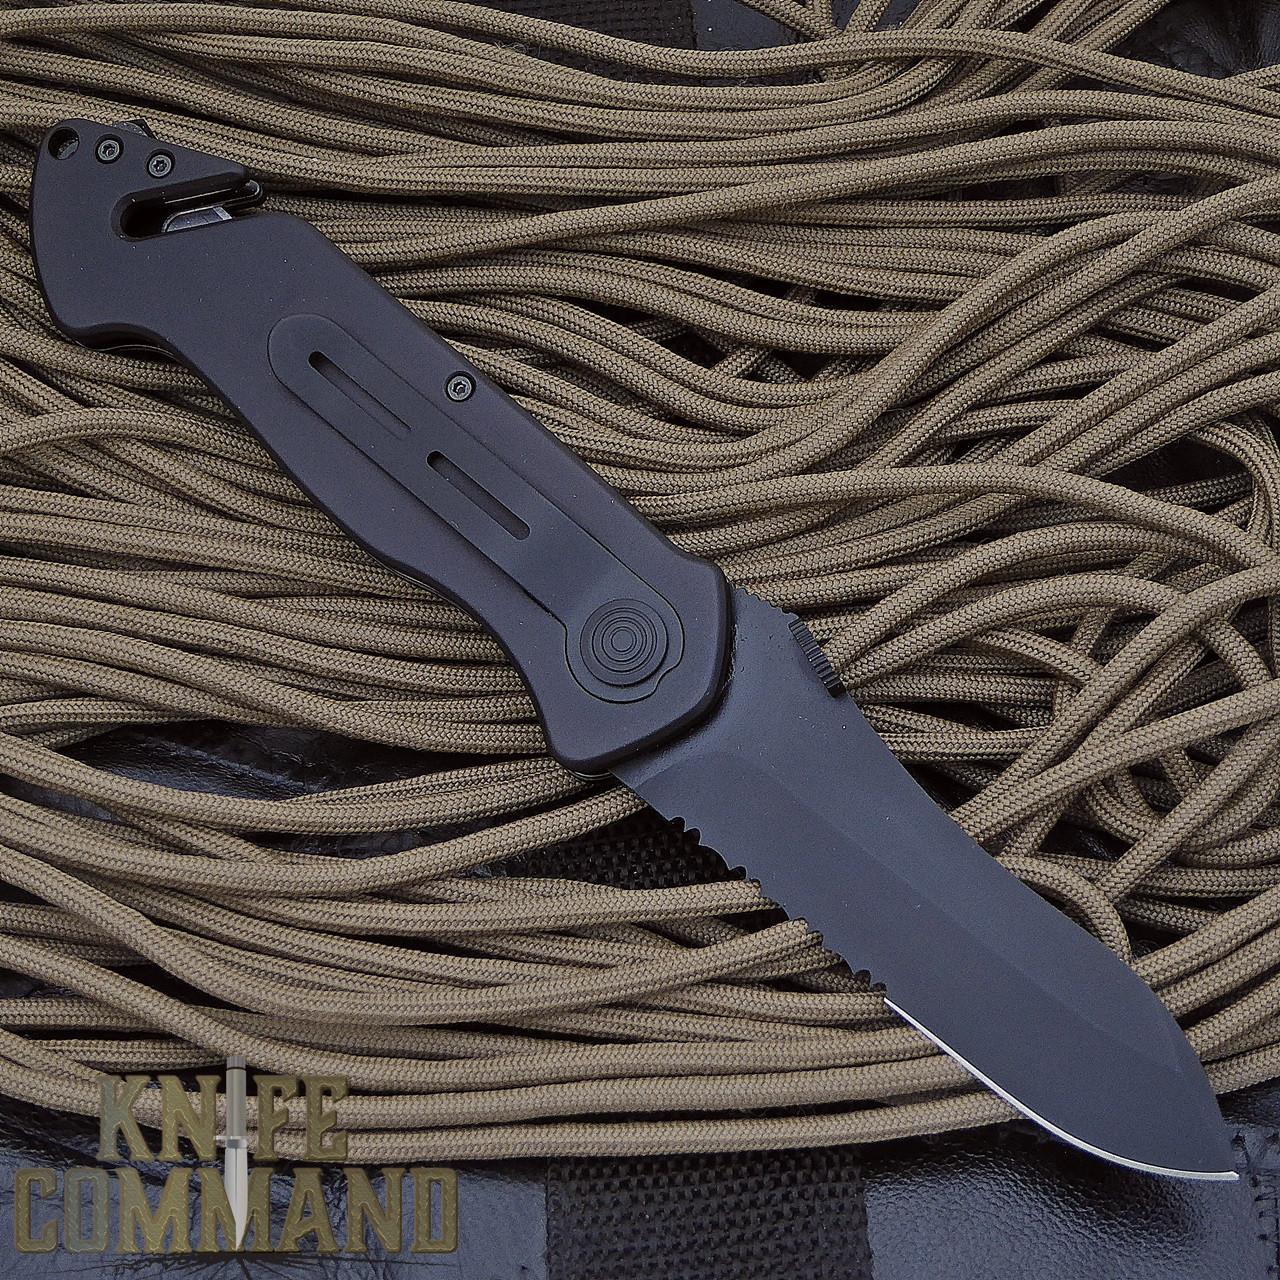 Eickhorn Solingen PRT VIII Black Tactical Emergency Rescue Knife.  Pocket clip.